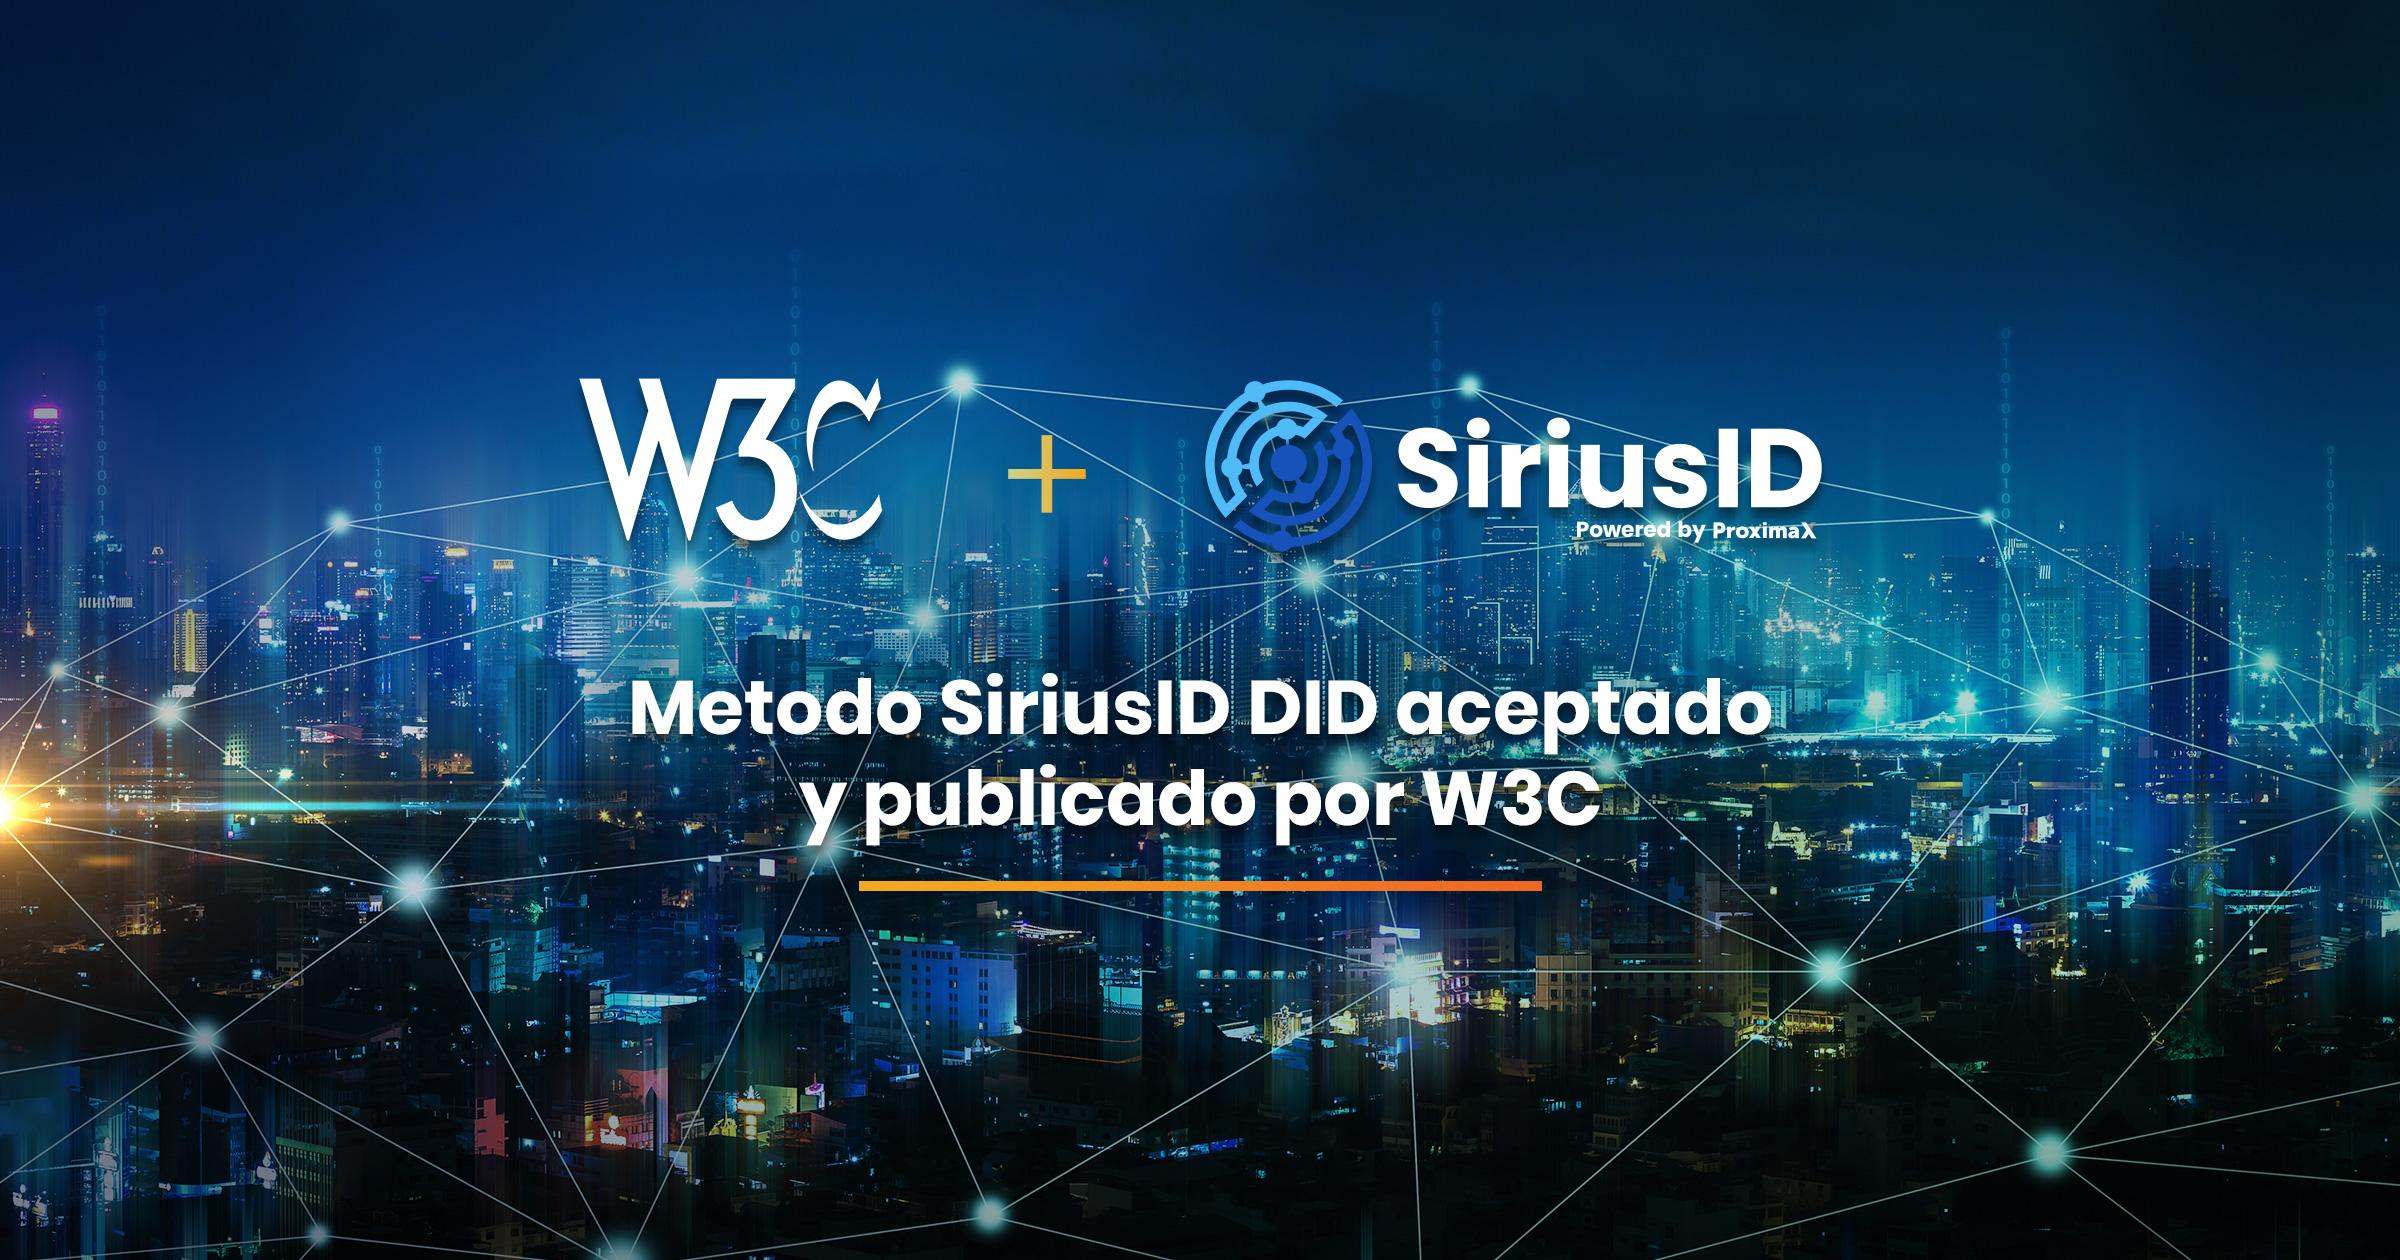 Método de identificación descentralizada ProximaX SiriusID aceptado y publicado por W3C